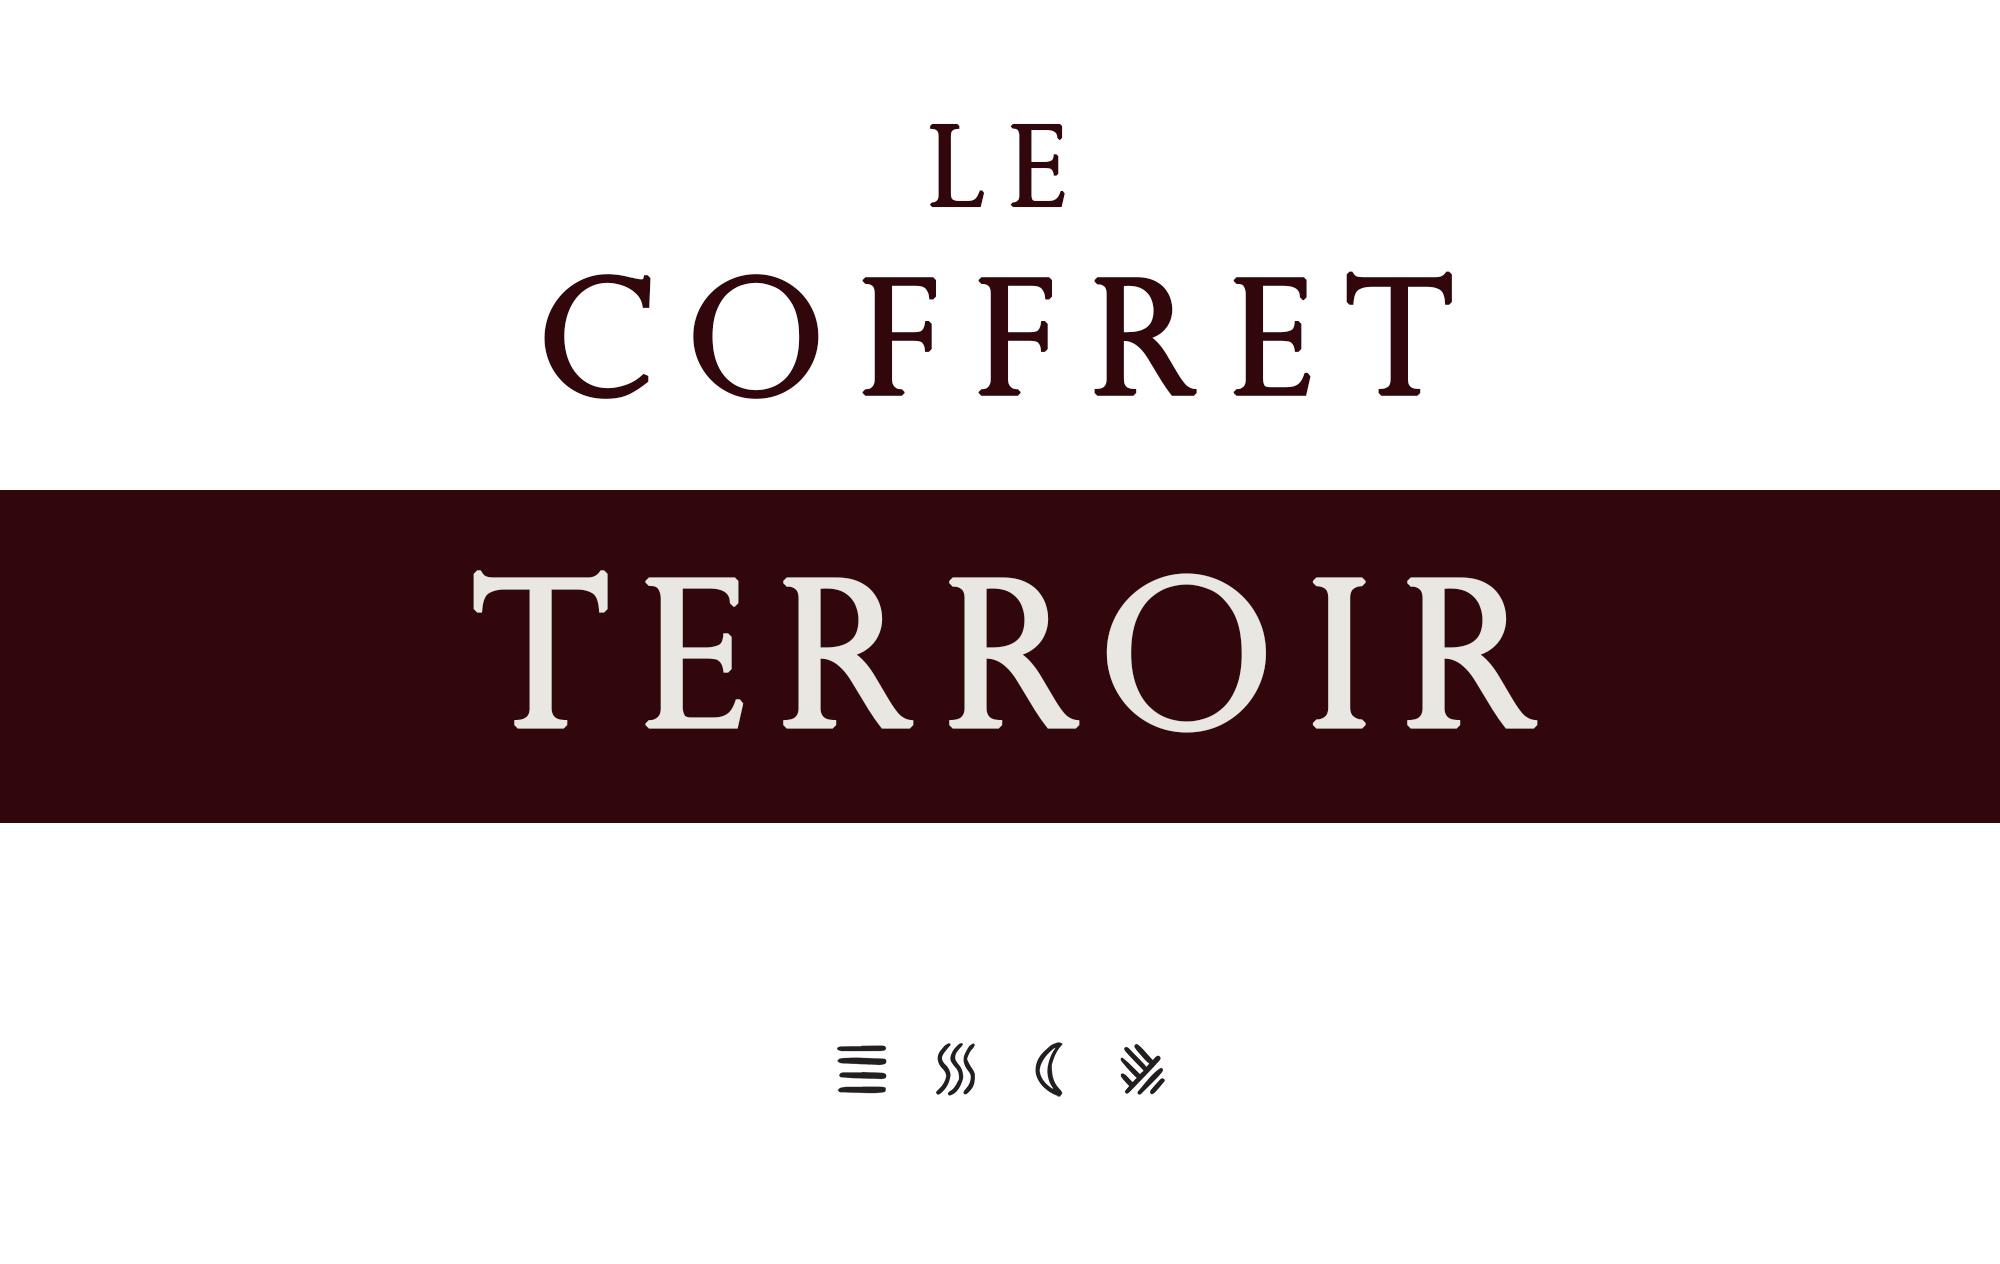 Coffret Terroir